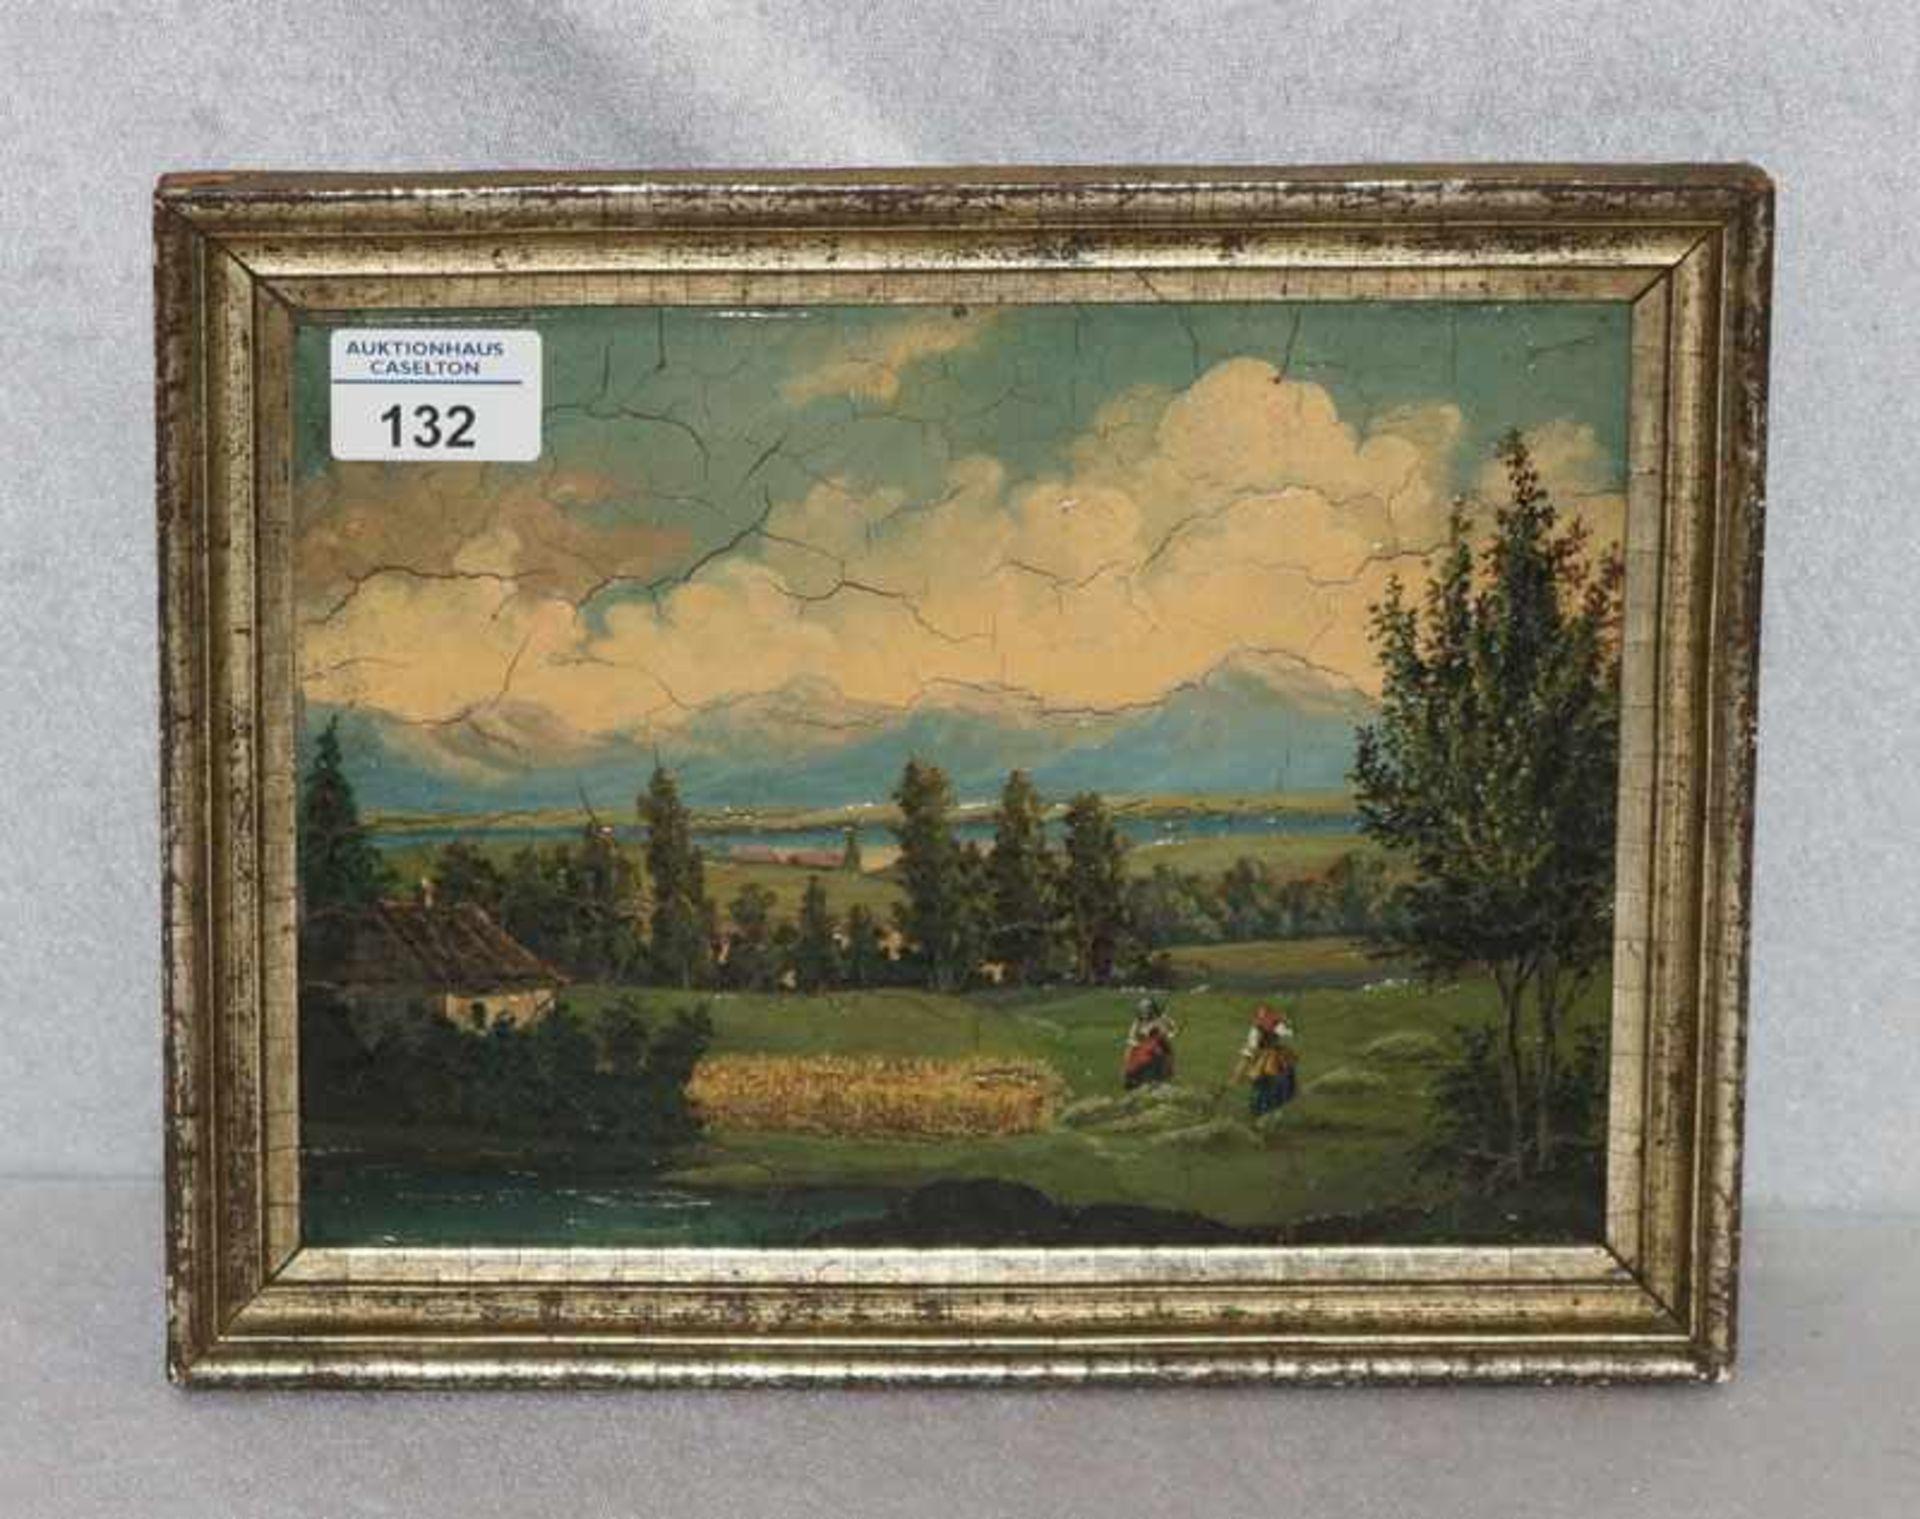 Los 132 - Gemälde ÖL/Holz 'Bäuerinnen bei der Heuernte vorm Tegernsee', Bild mit Kraquelee, gerahmt, Rahmen